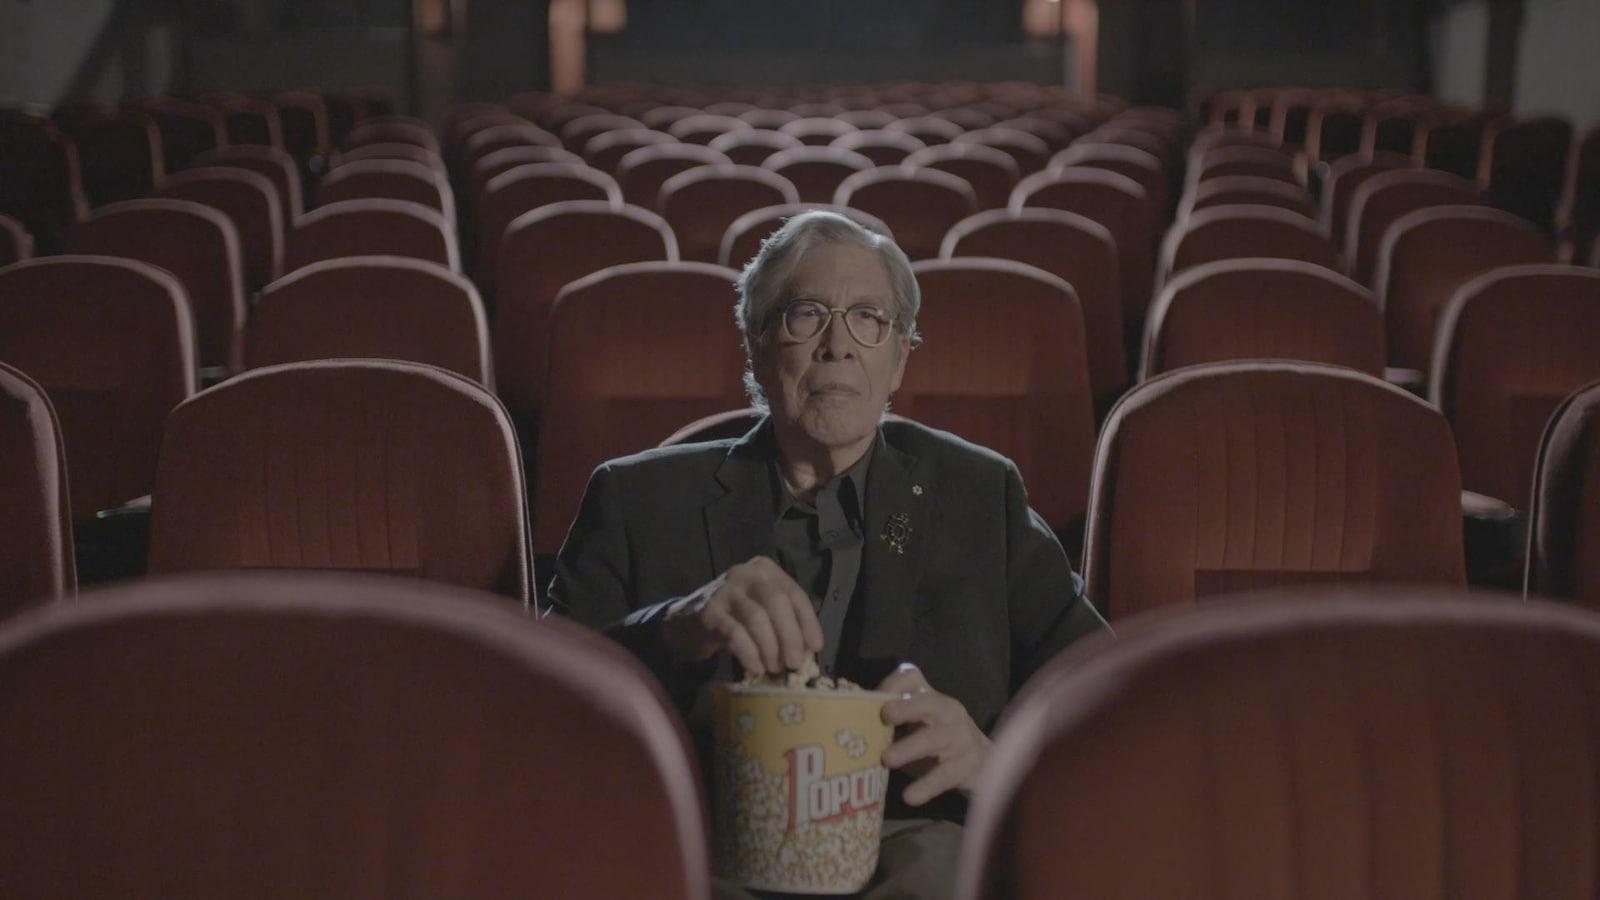 L'auteur Thomas King est dans une salle de cinéma vide et tient un pot de maïs soufflé.